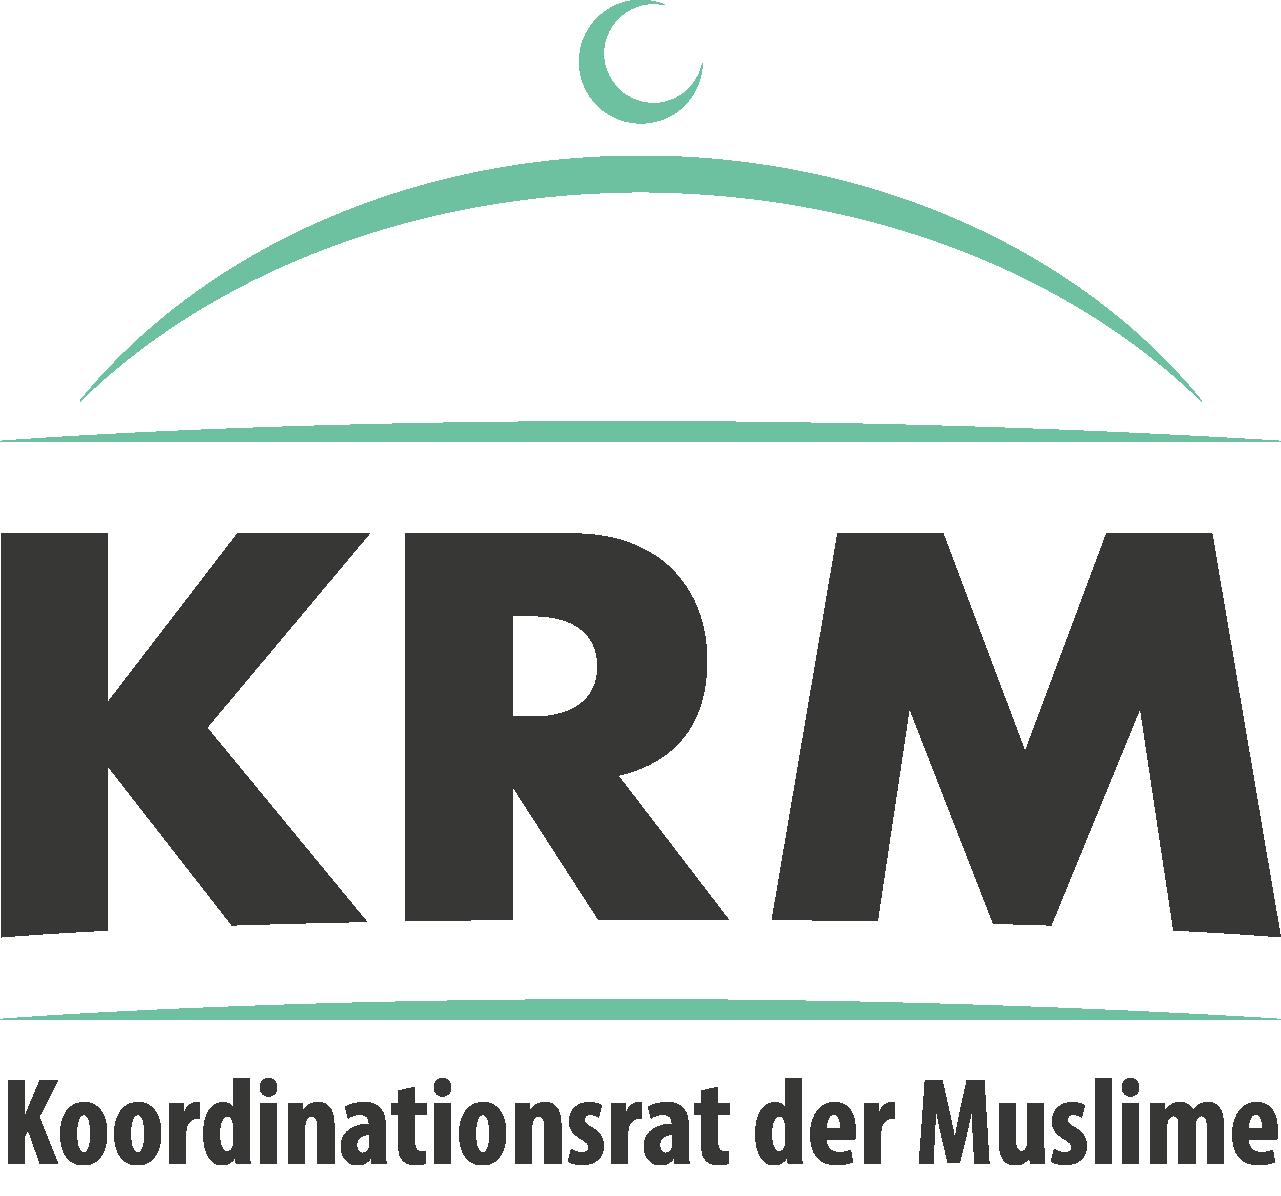 KRM – Koordinationsrat der Muslime